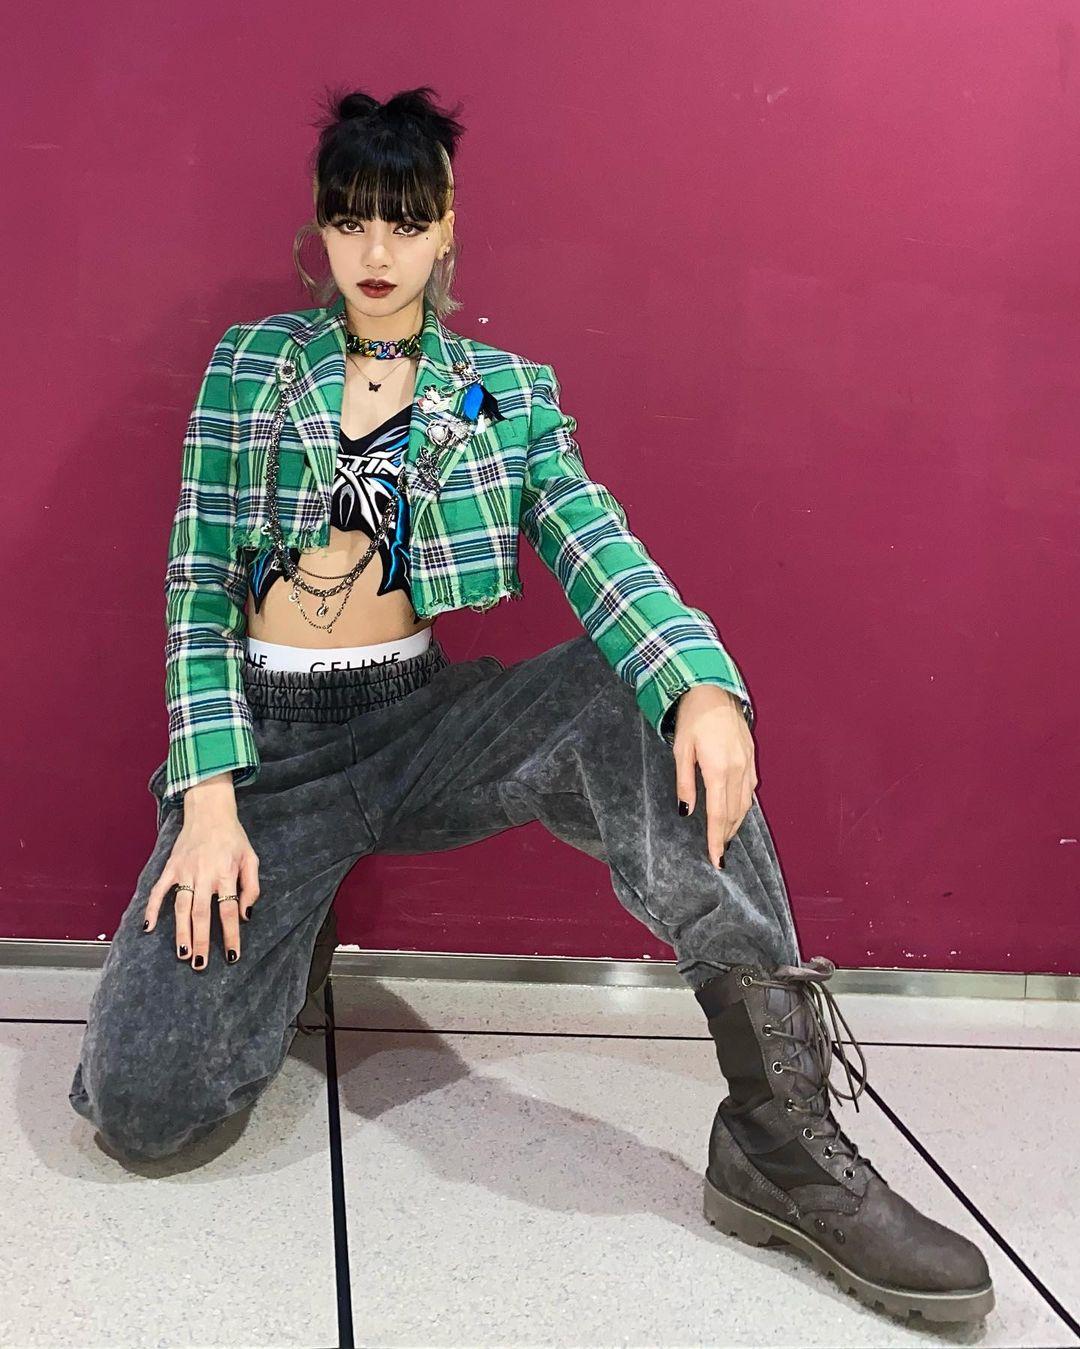 Trước Ngọc Trinh, Lisa cũng từng diện mẫu áo cánh bướm này. Tuy nhiên thay vì diện độc chiếc áo hở bạo như Ngọc Trinh, nữ idol kết hợp thêm áo khoác lửng phía ngoài. Cũng theo mốt lộ cạp nội y nhưng mỹ nhân Black Pink chọn quần jeans và nội y kiểu thể thao chất ngầu.